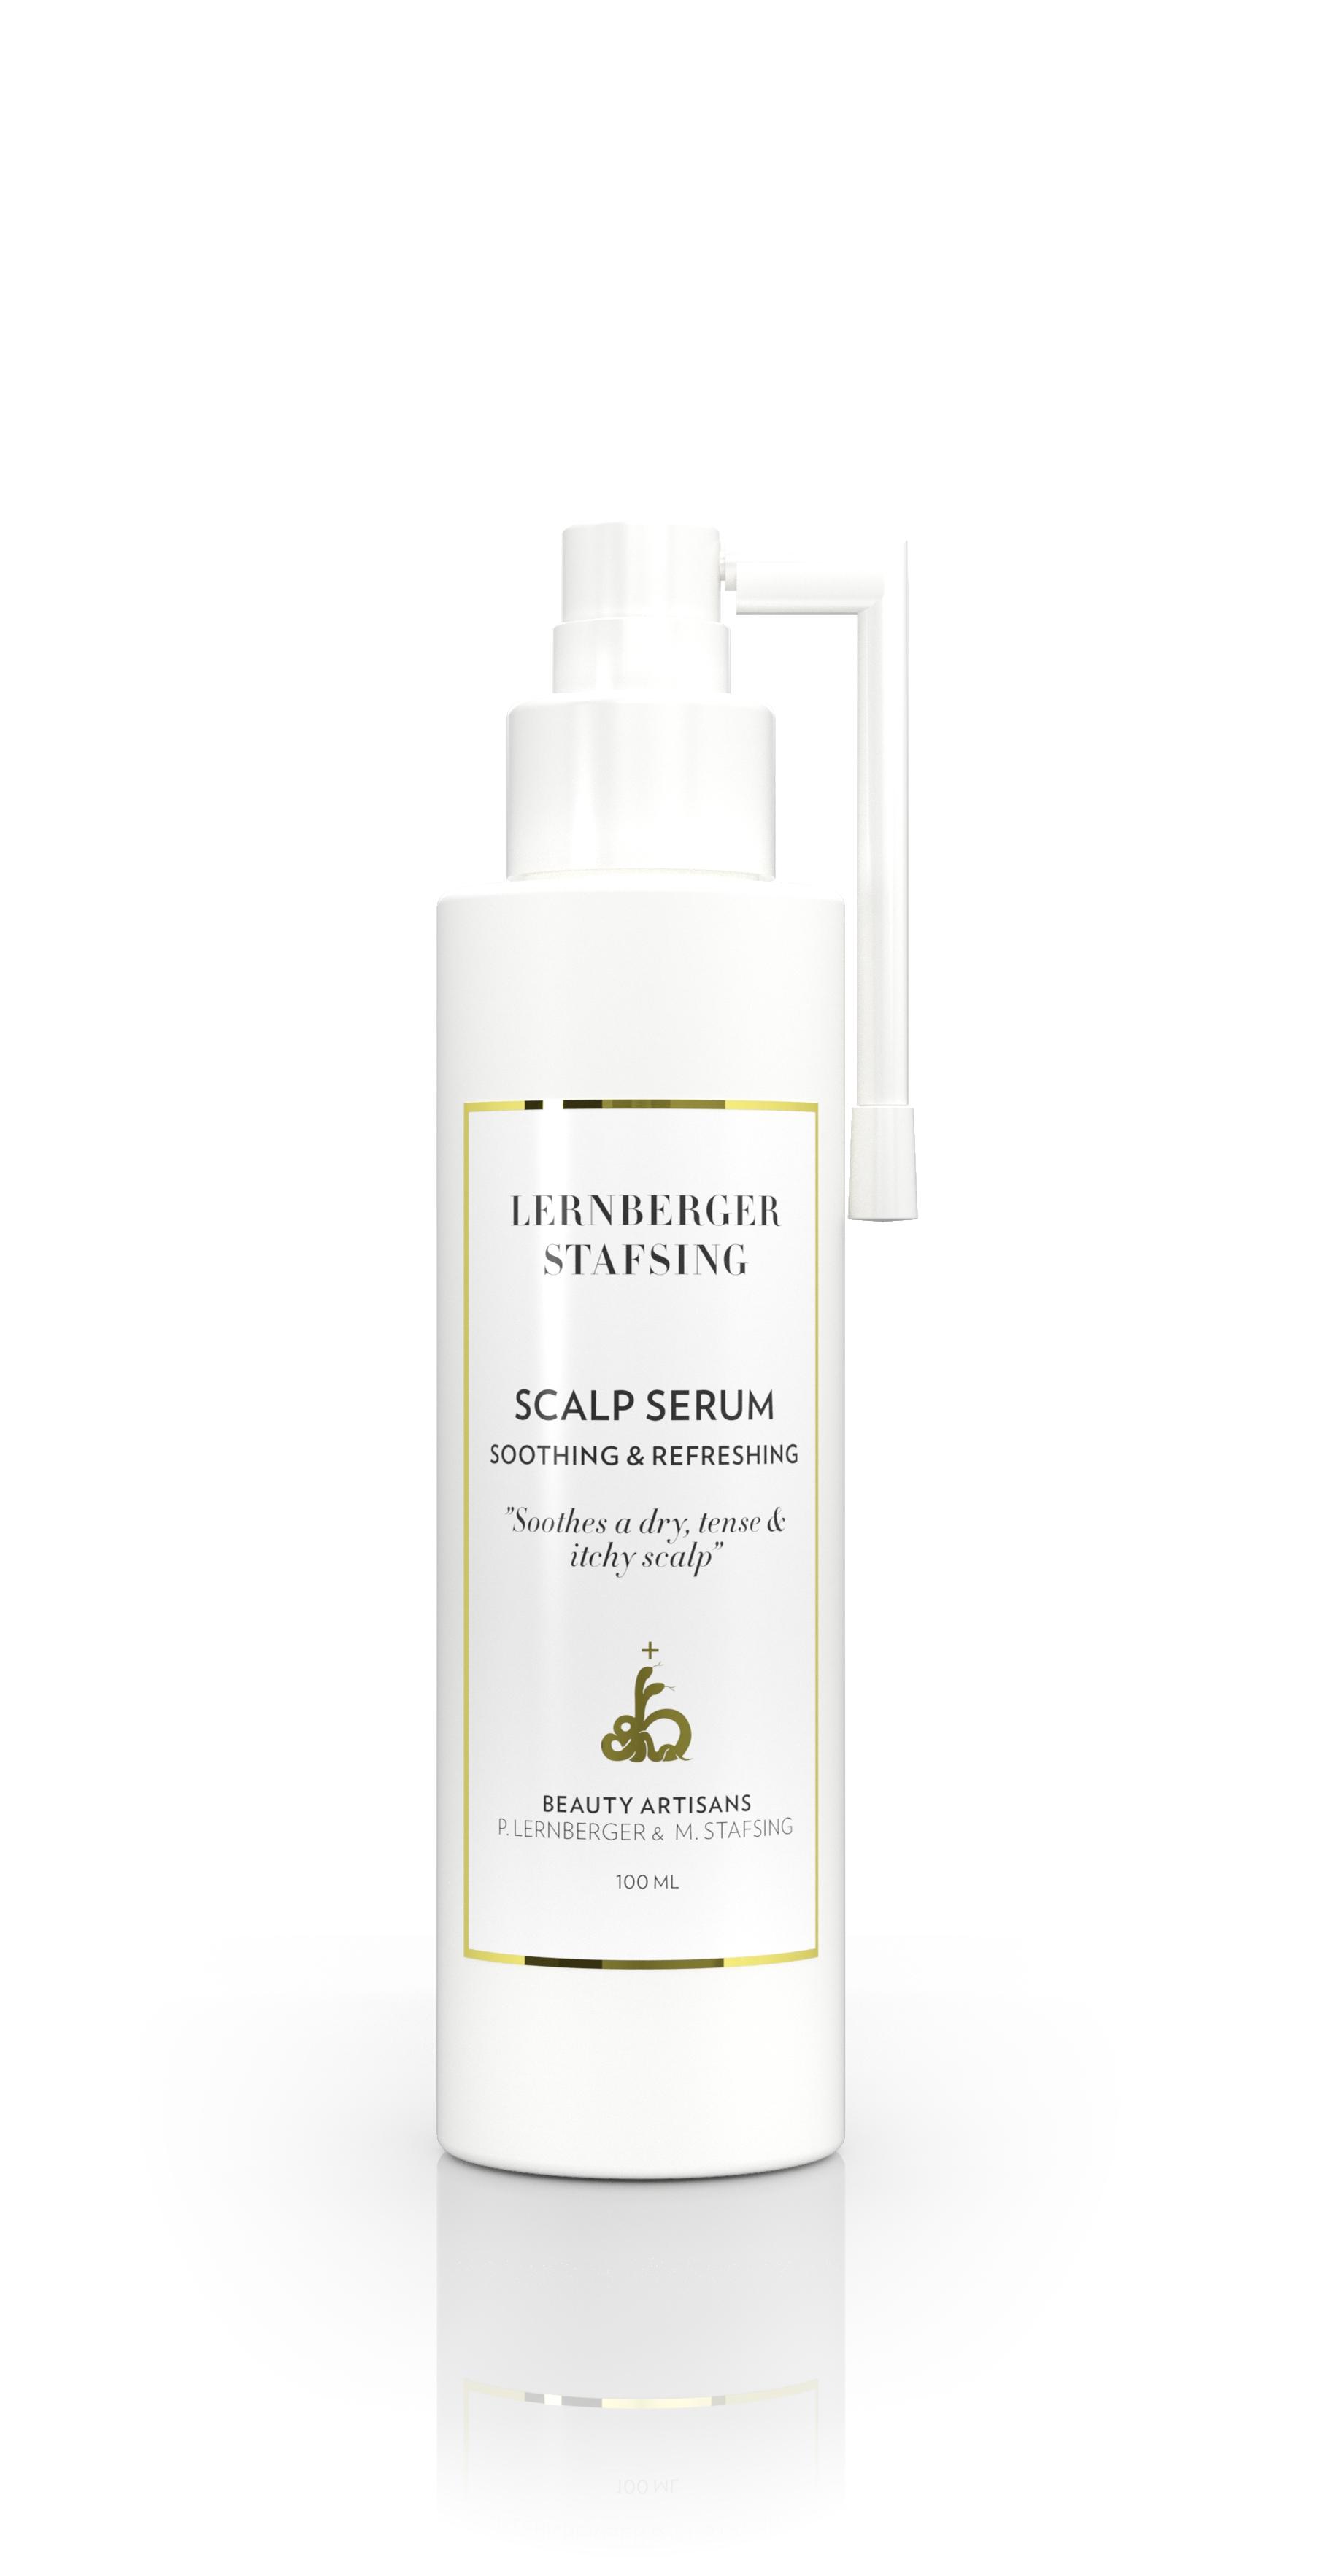 Lernberger Stafsing Scalp Serum, 100 ml